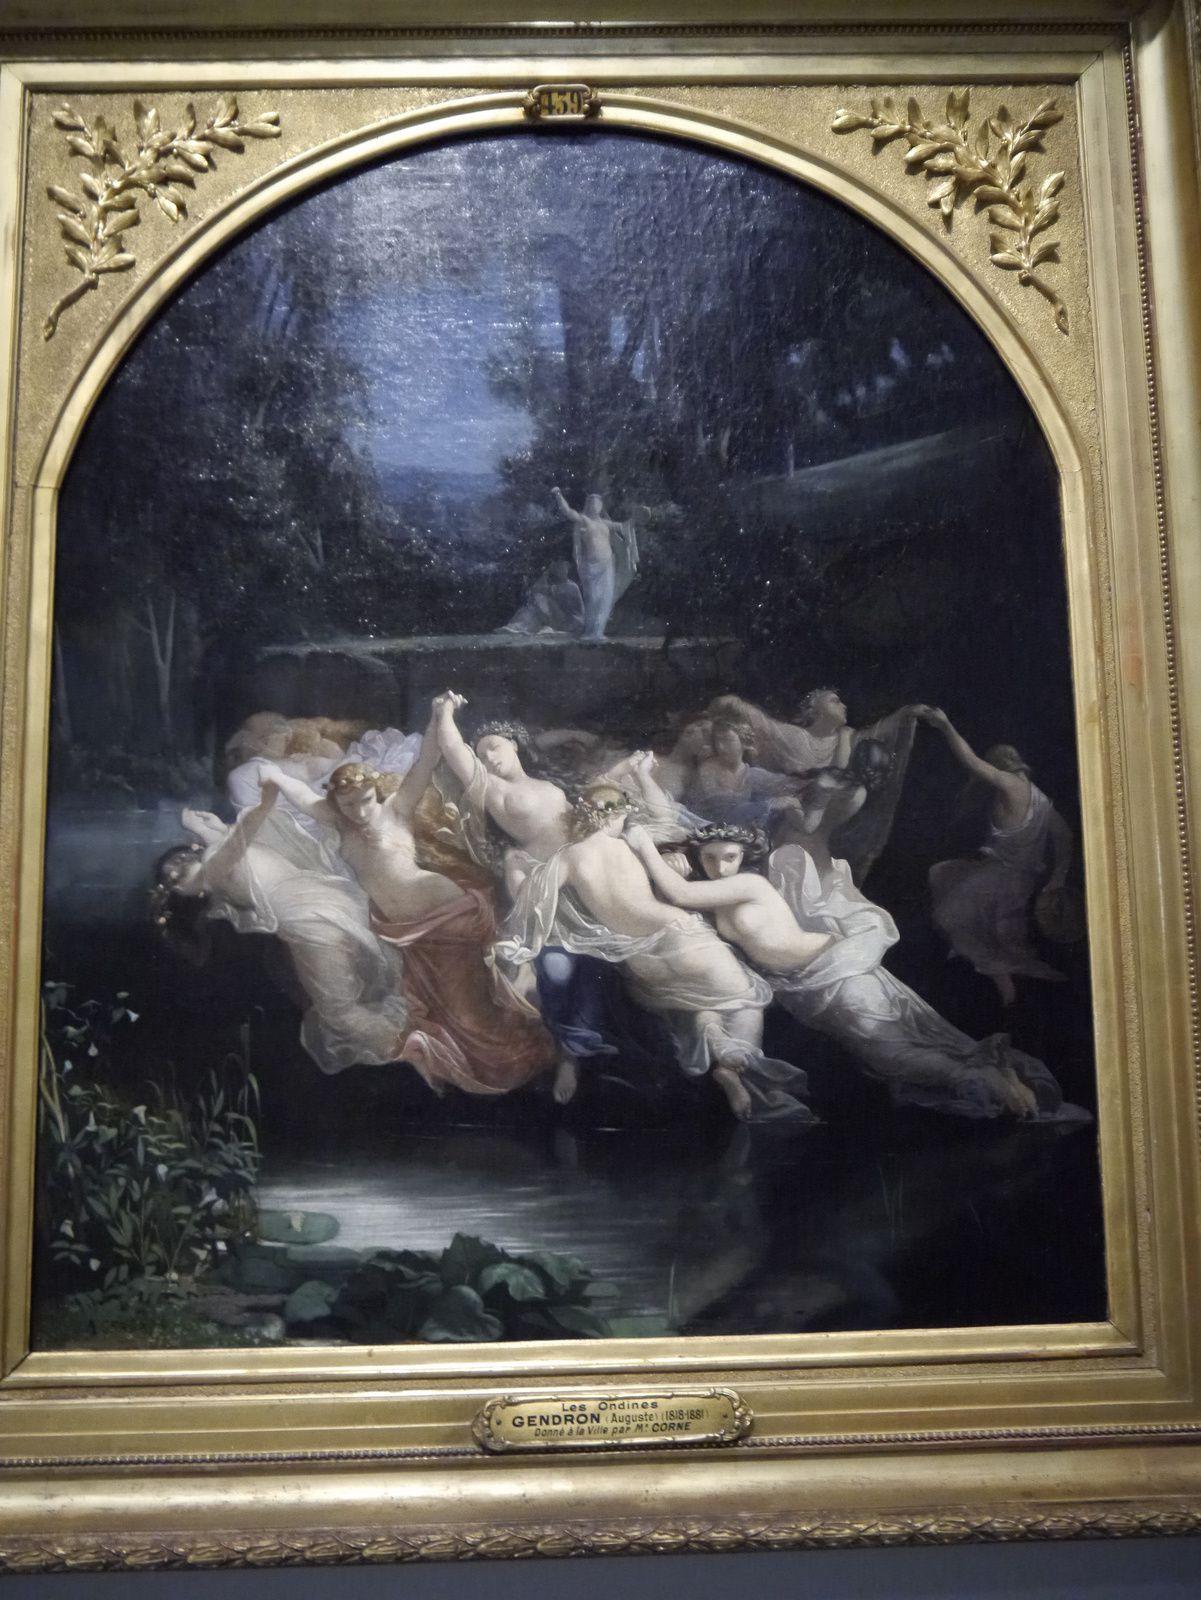 Exposition La Lune : mythes, fantasmes et réalité à voir au Grand Palais jusqu'au 22 juillet 2019